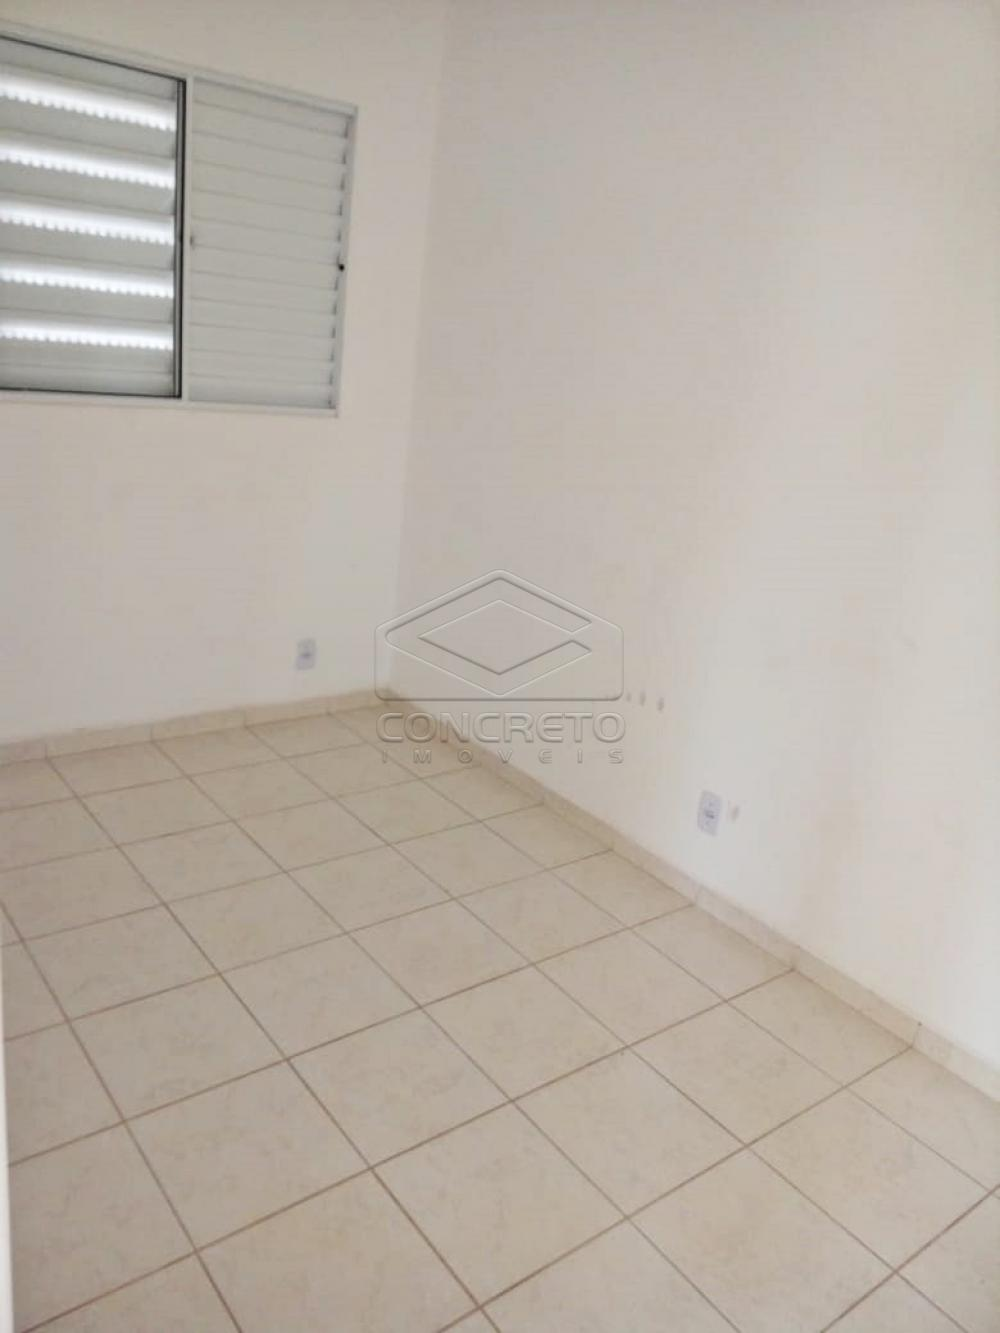 Comprar Apartamento / Padrão em Jaú apenas R$ 140.000,00 - Foto 7